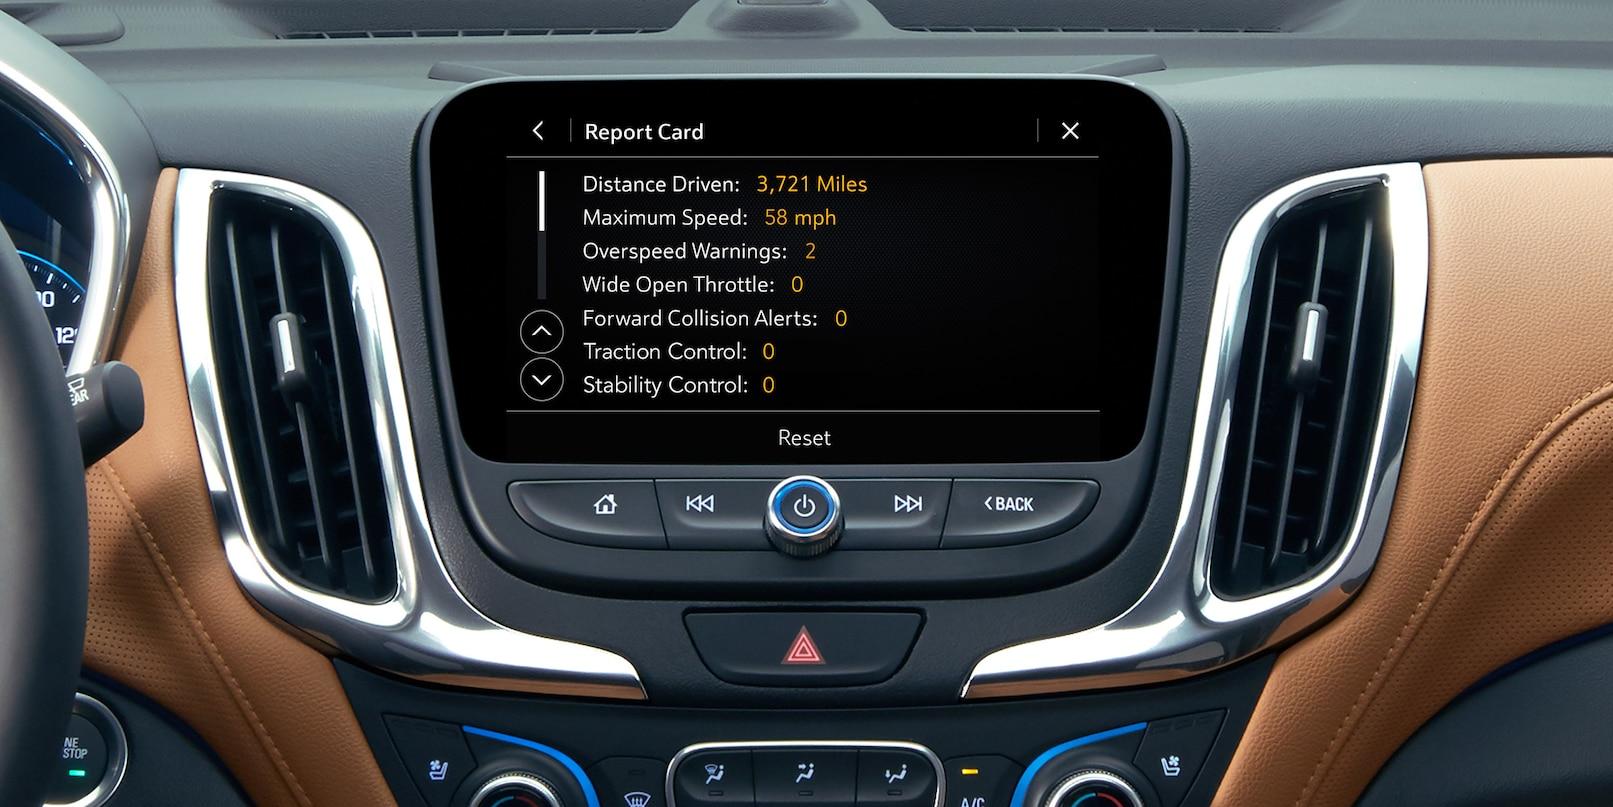 Teen Drive es una función innovadora que cuidará del conductor novato durante sus primeros viajes.